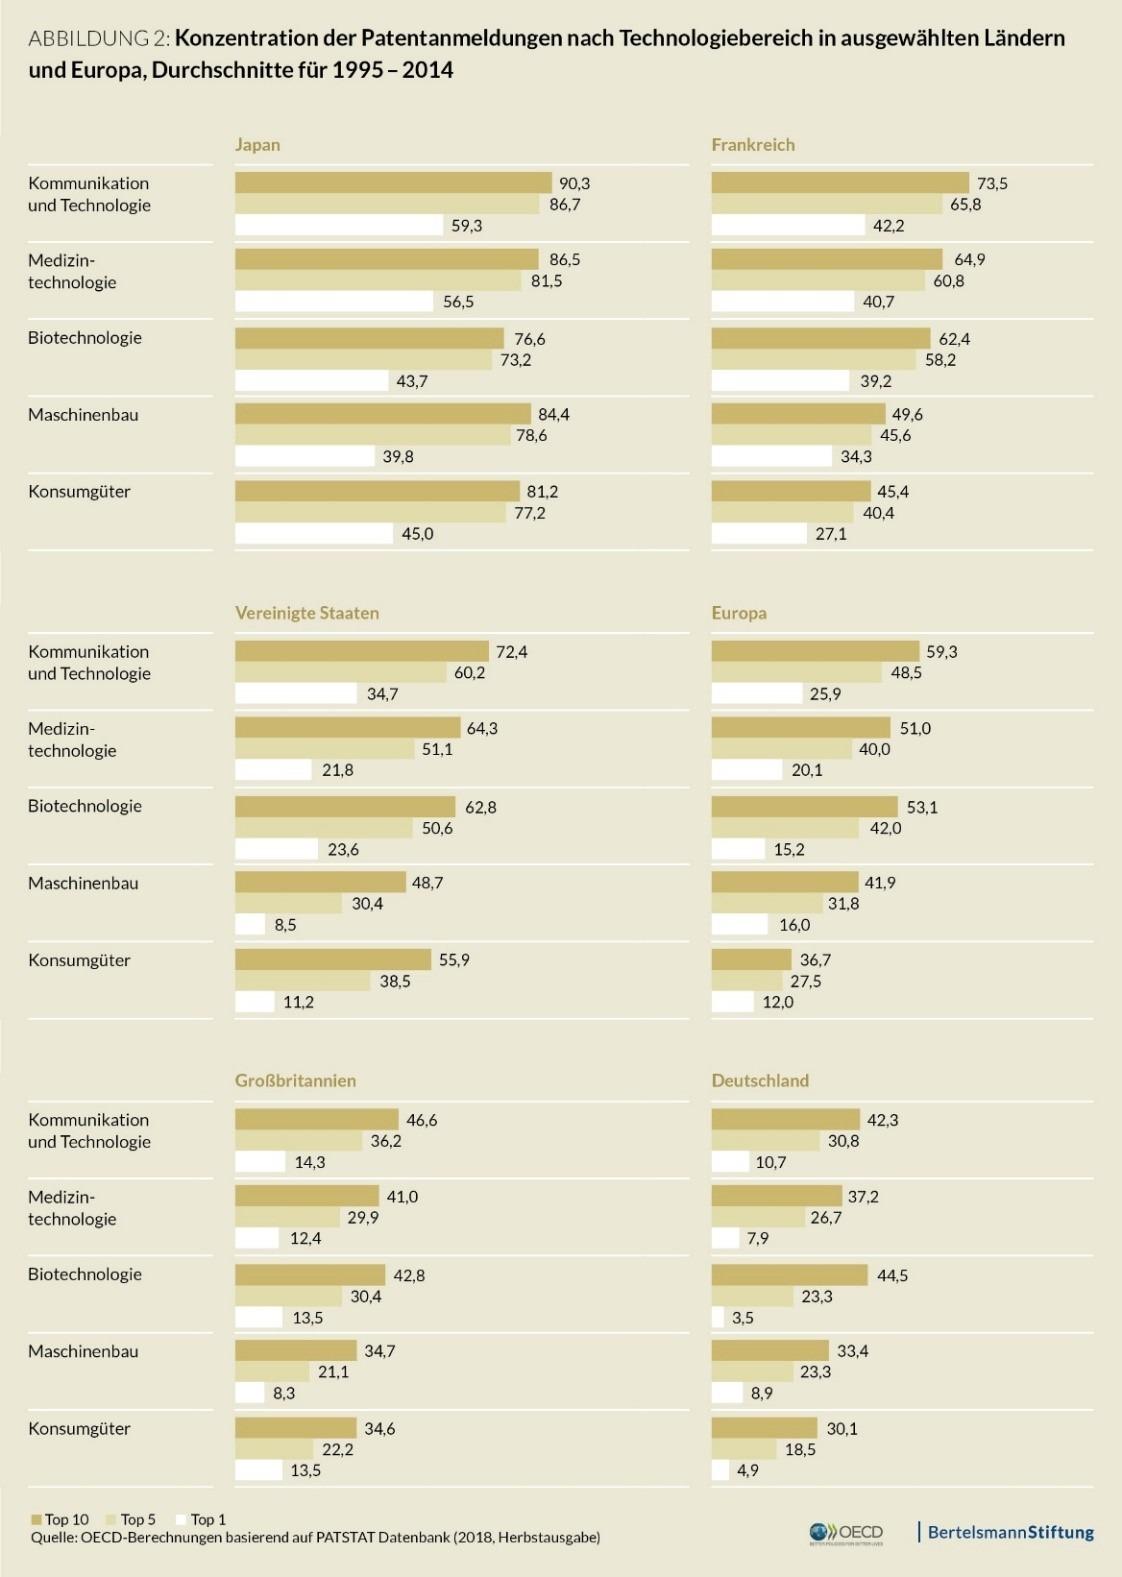 Konzentration der Patentanmeldungen nach Technologiebereich in ausgewählten Ländern und Europa, Durchschnitte für 1995 - 2014